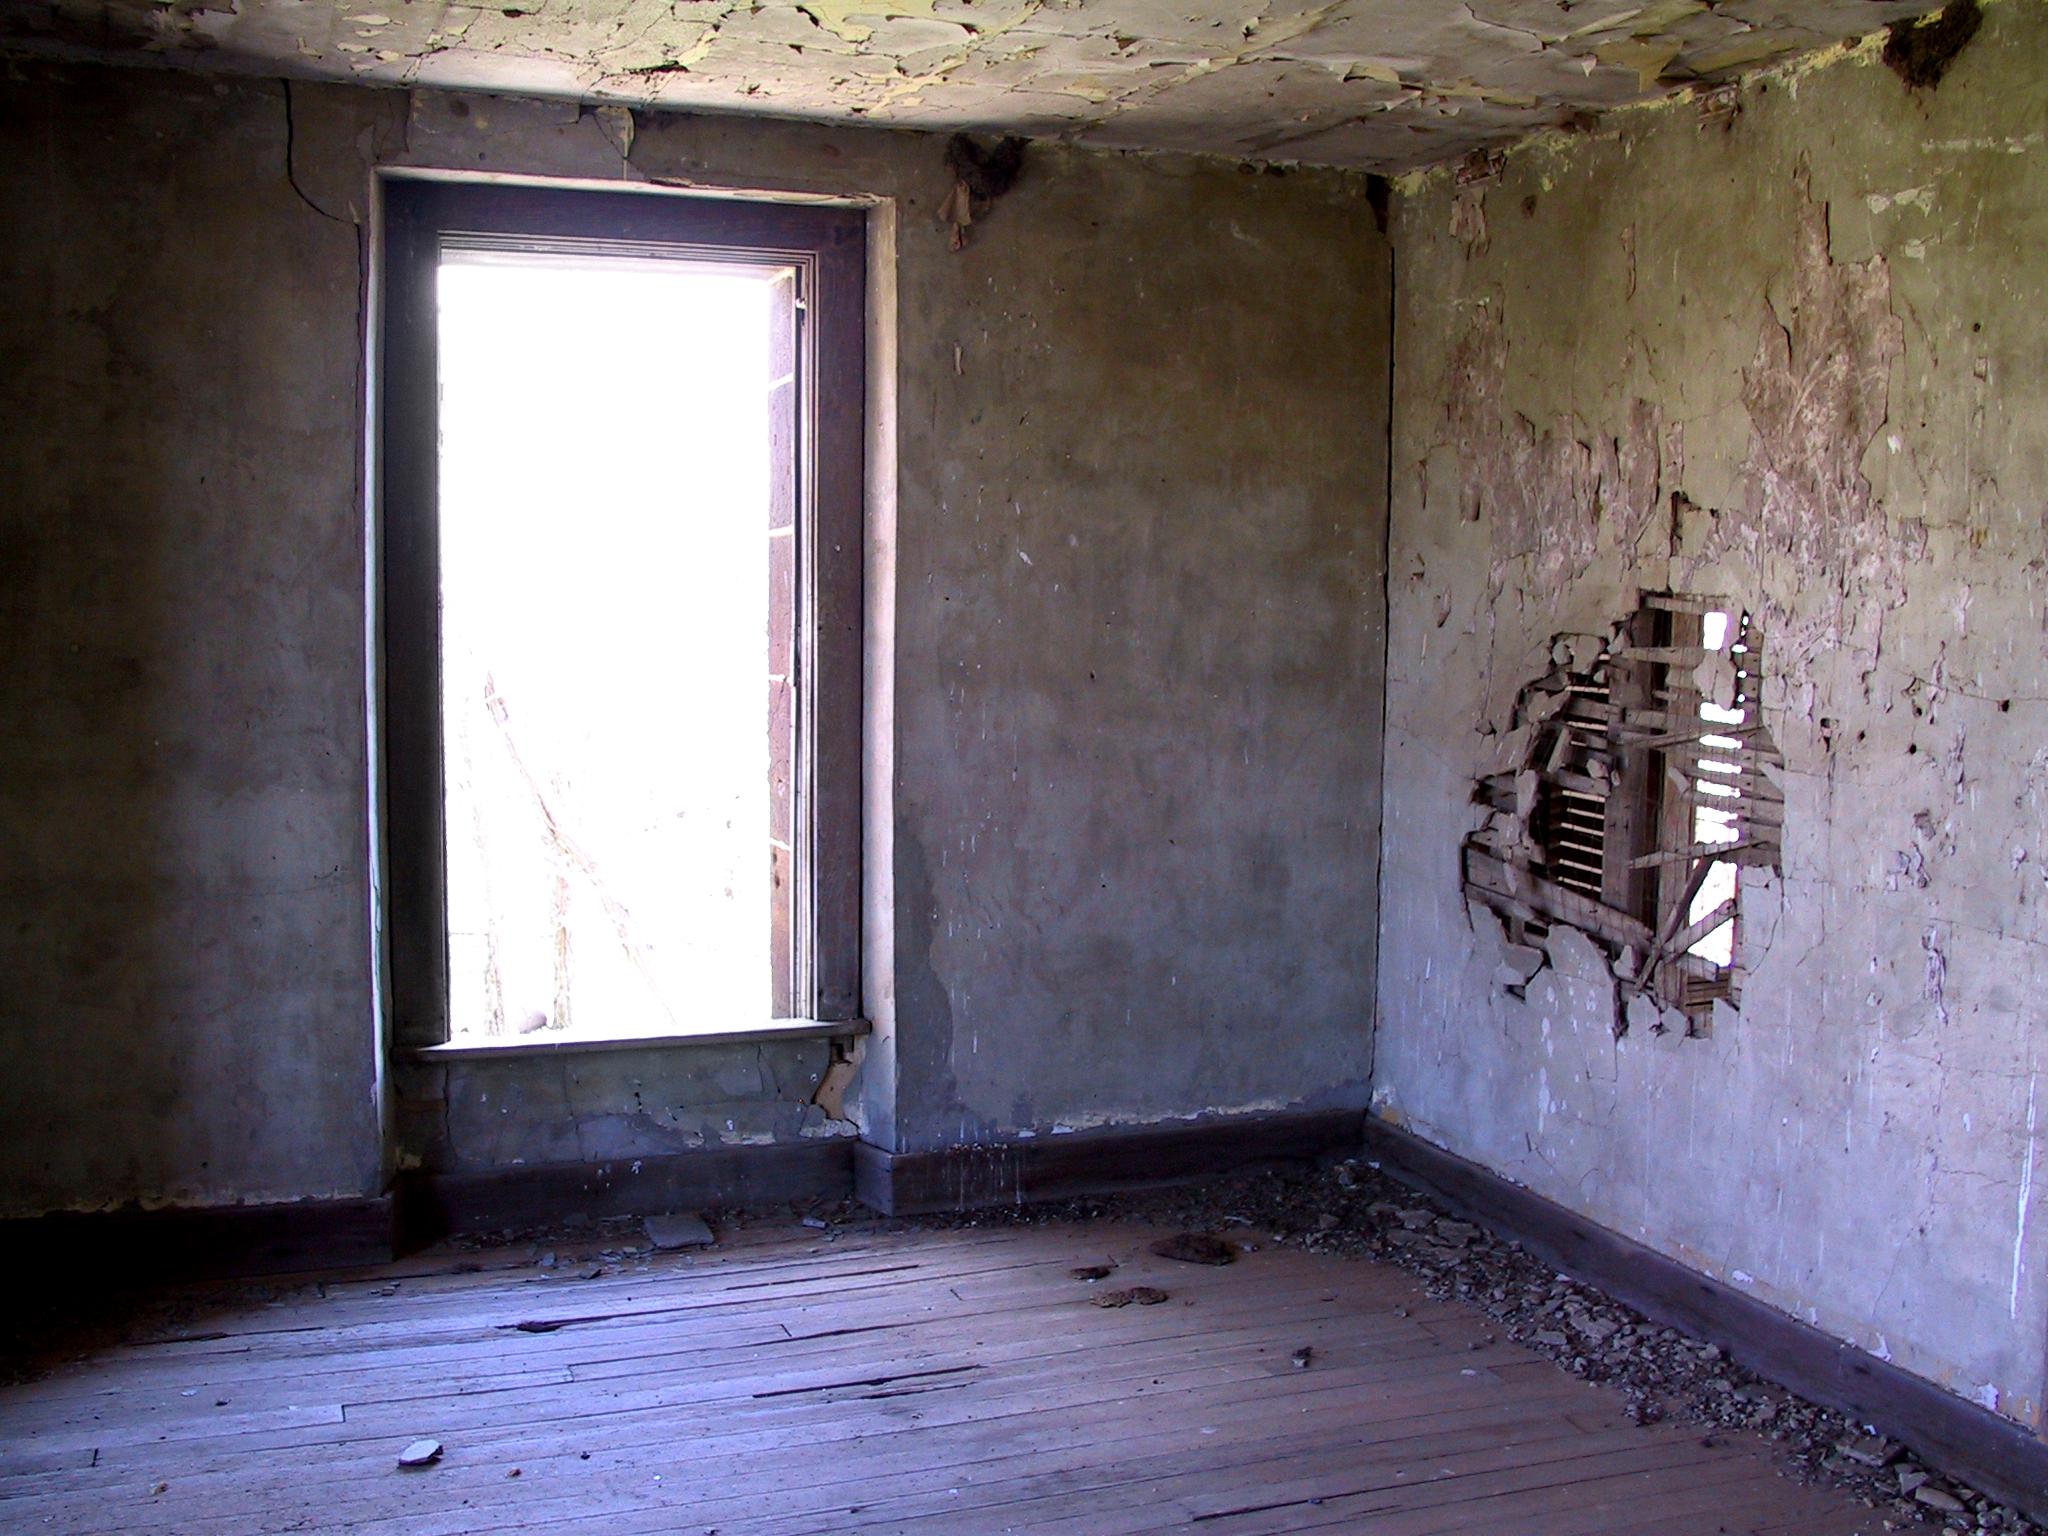 Abandoned Hotz Building 17